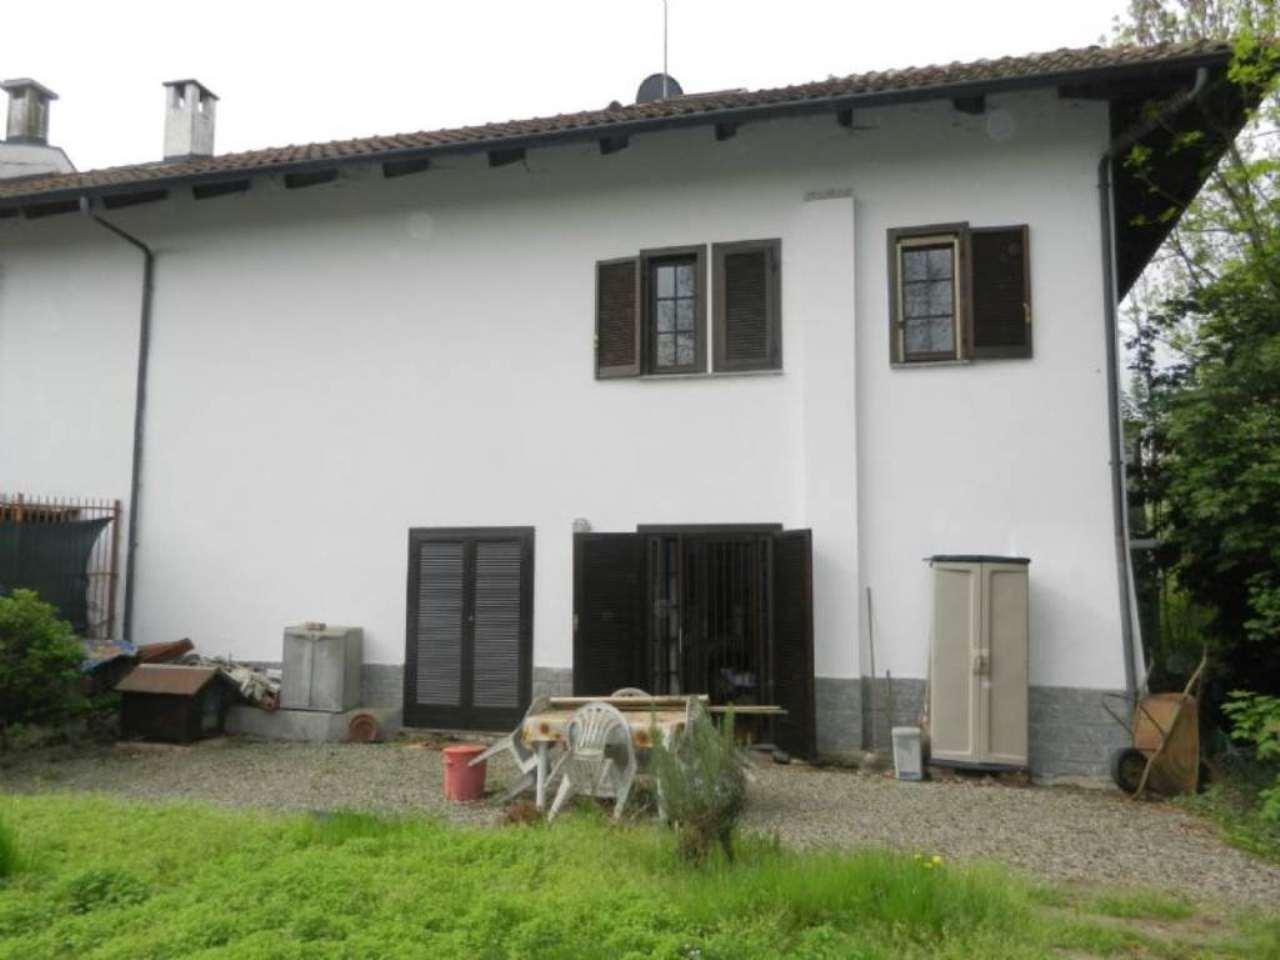 Soluzione Indipendente in vendita a Druento, 6 locali, prezzo € 320.000 | Cambio Casa.it